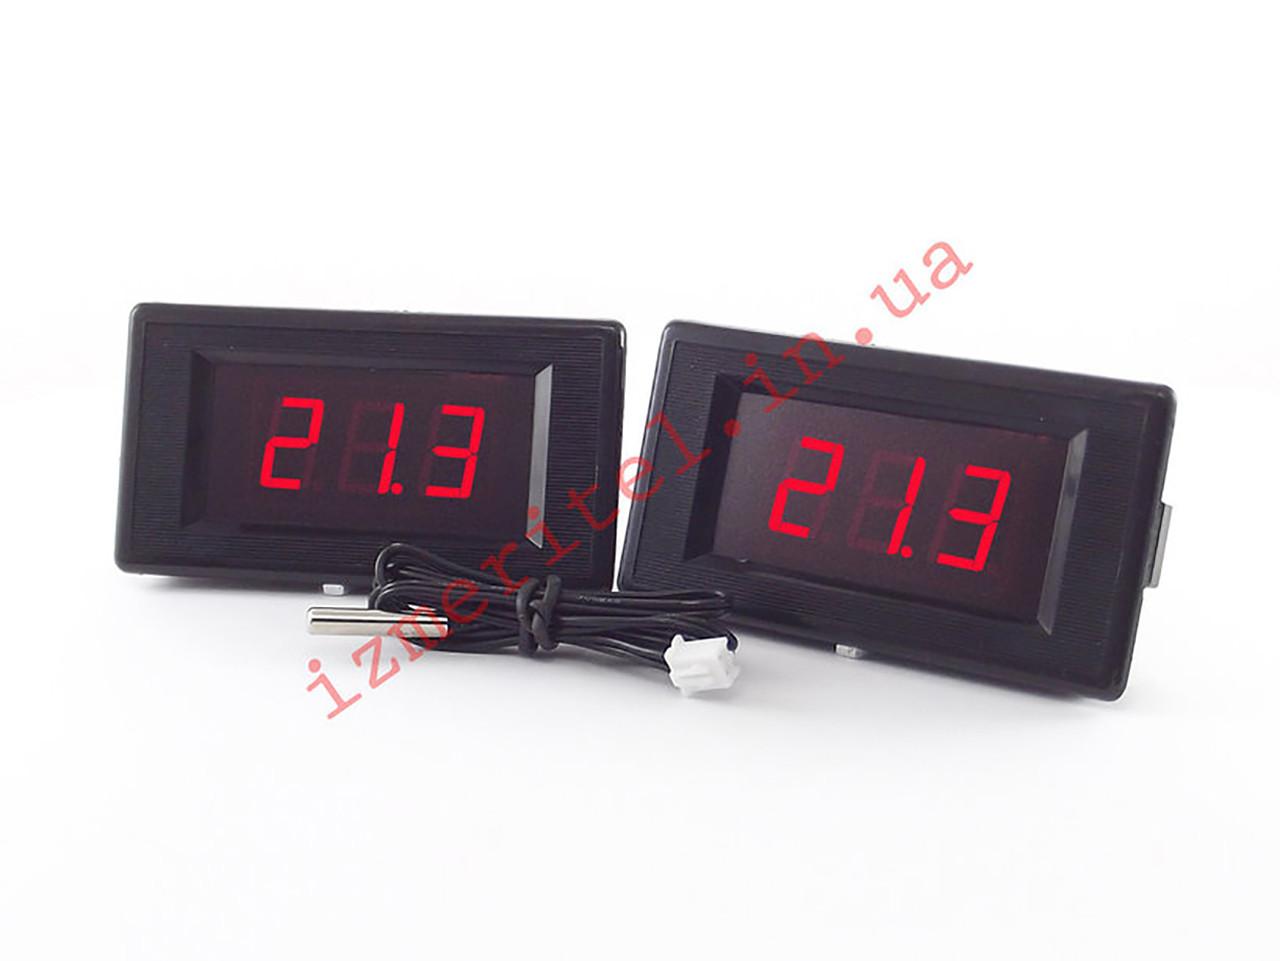 Беспроводной цифровой термометр с двумя дисплеями